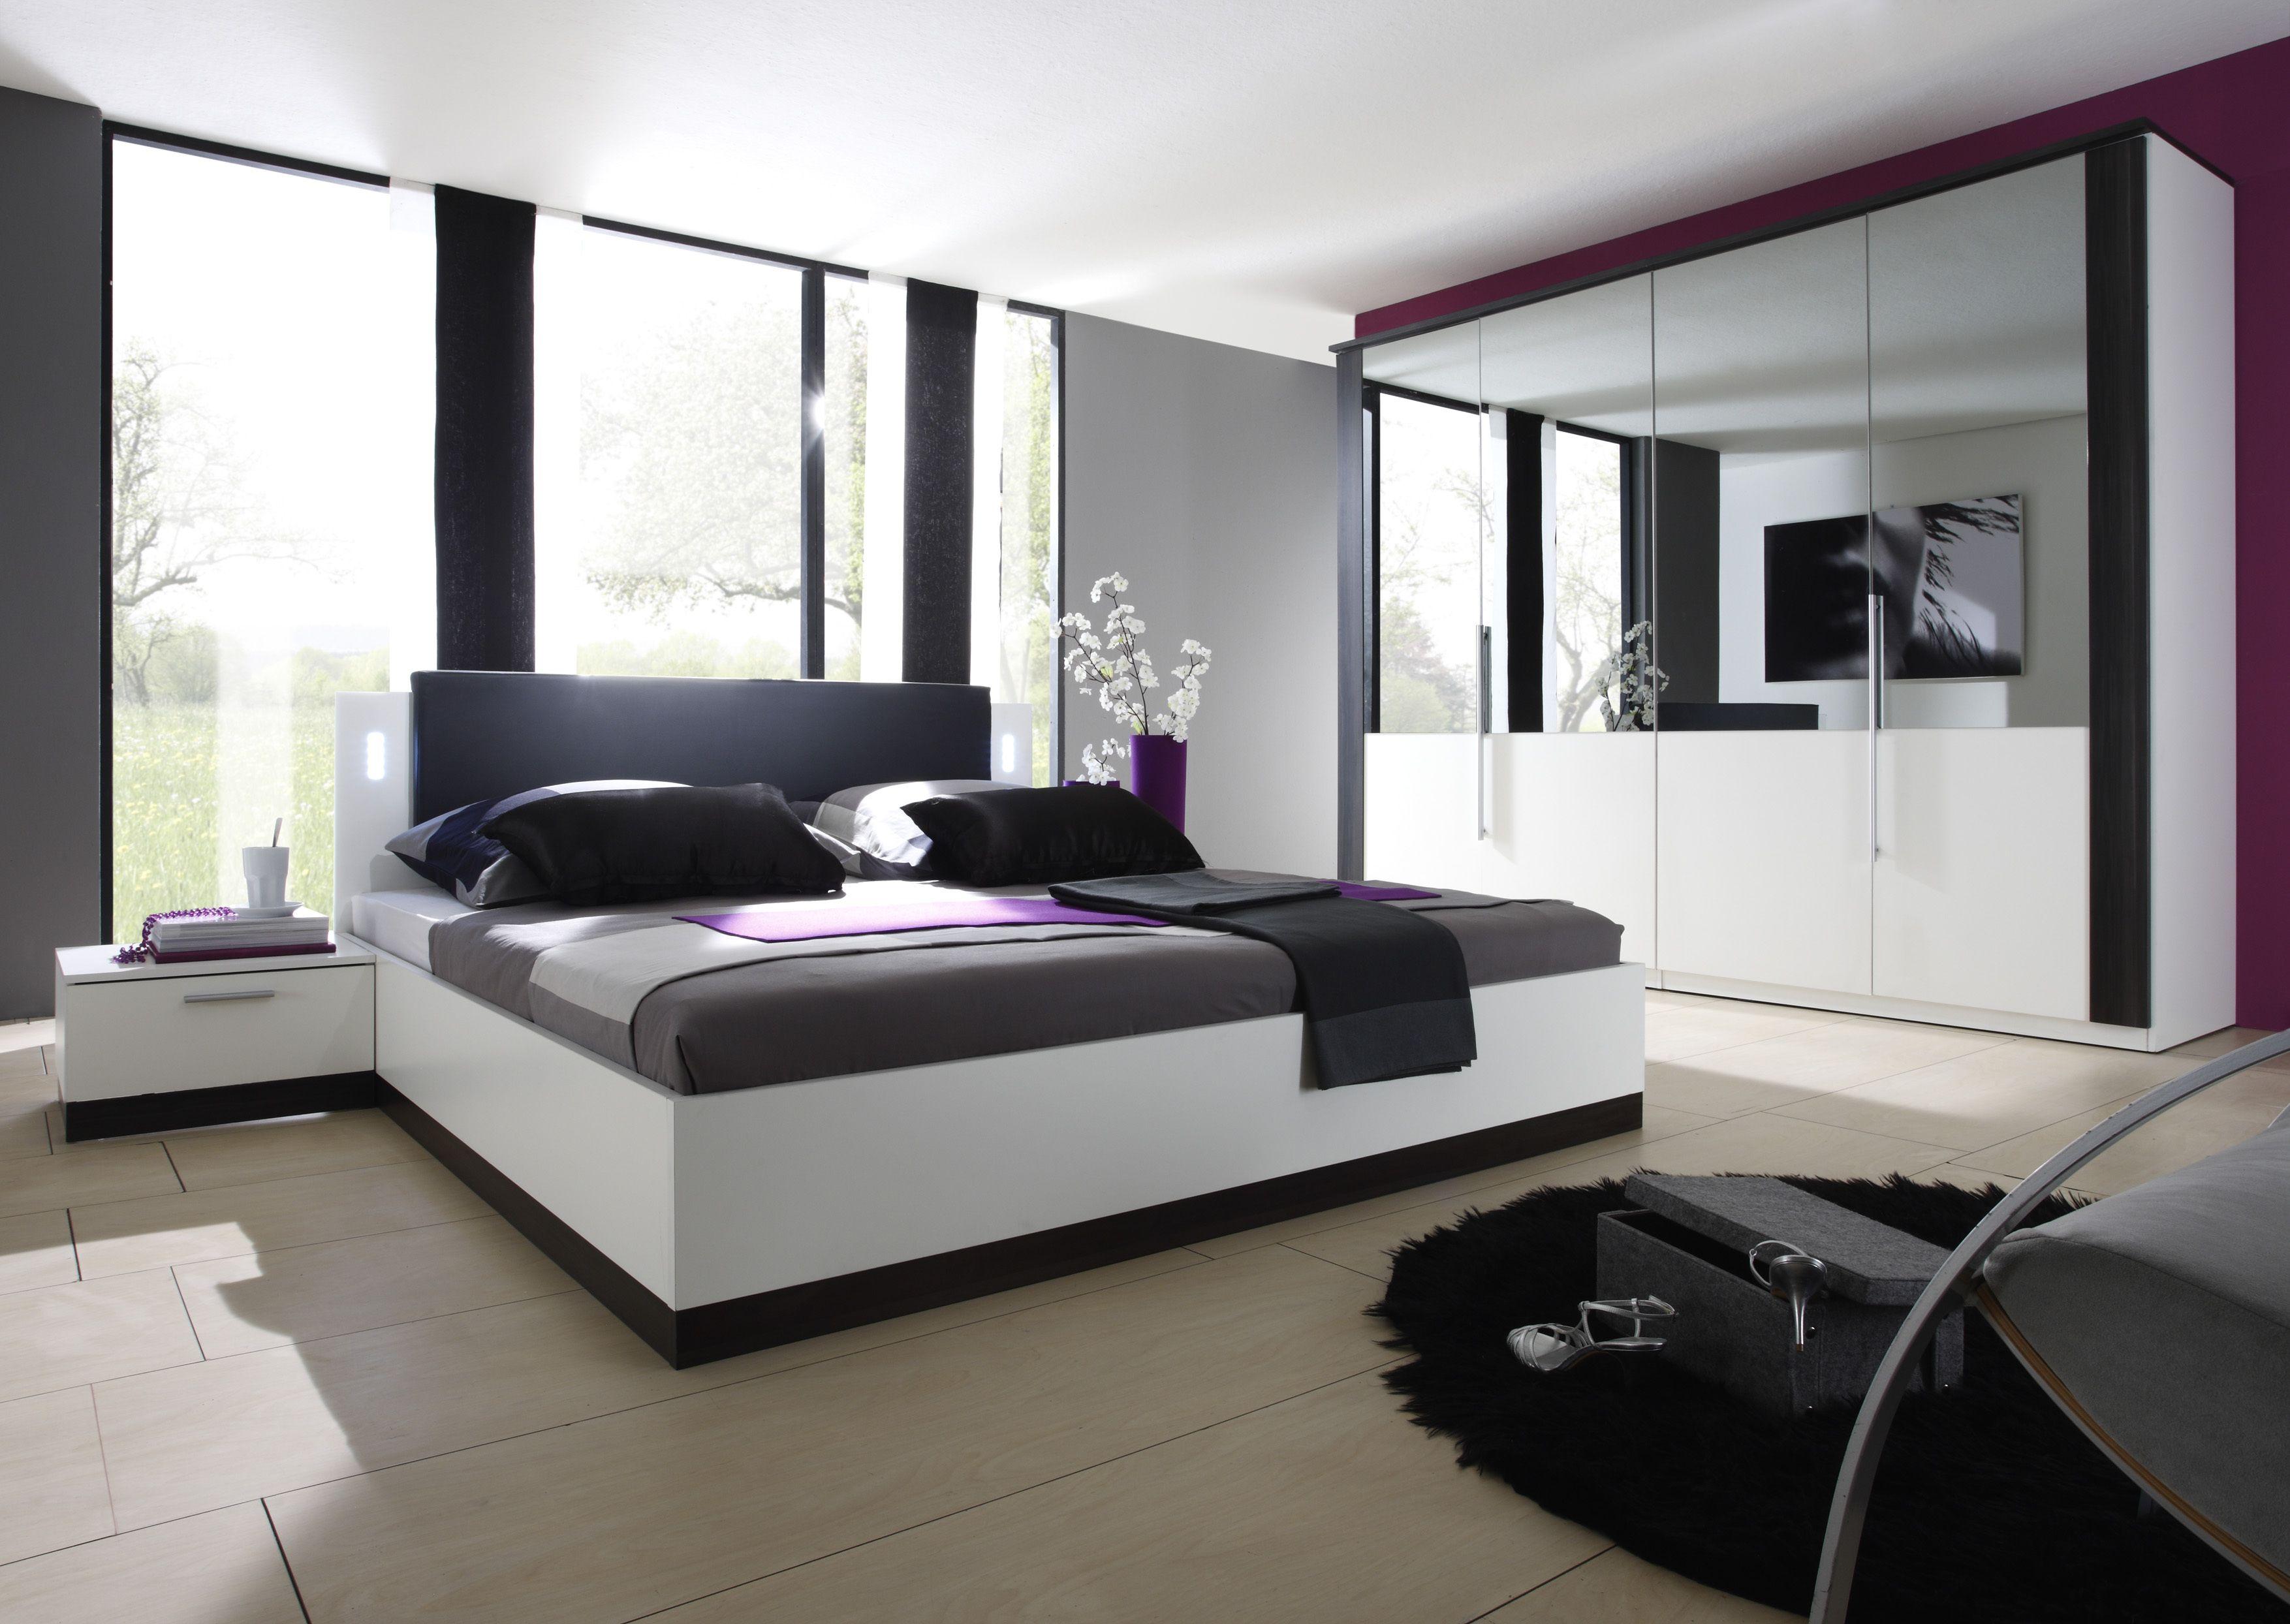 Schön günstige schlafzimmer komplett | Deutsche Deko | Pinterest